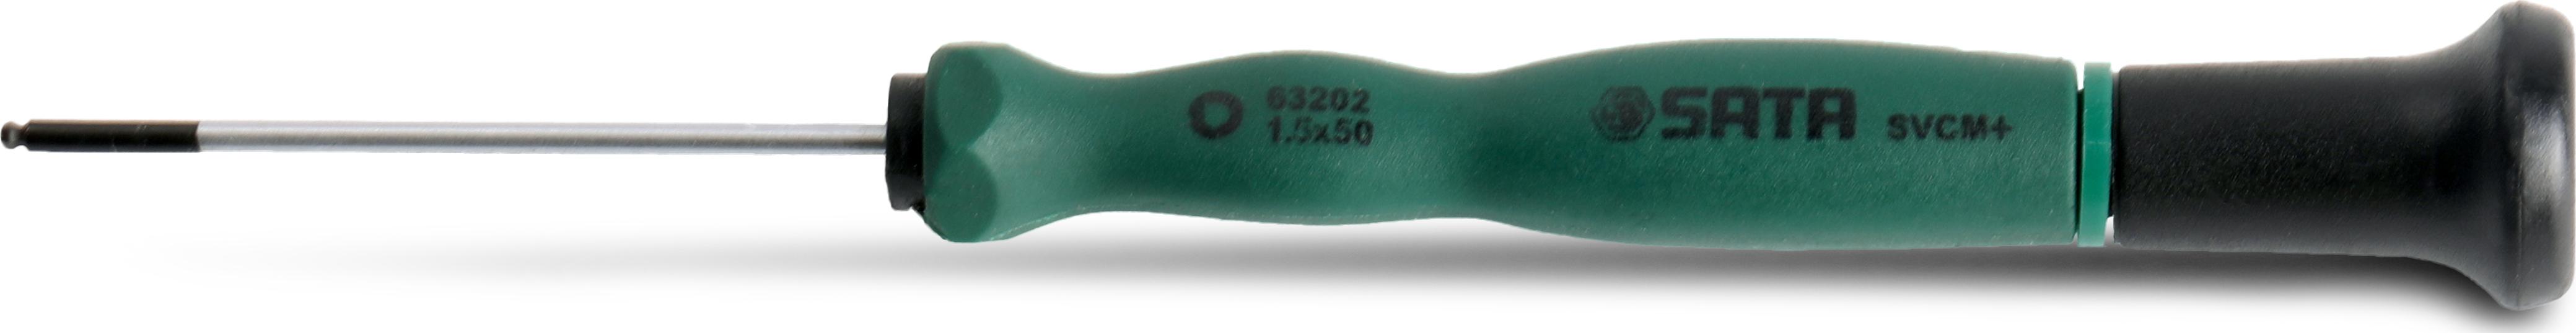 球头六角微型螺丝批1.5x40MM